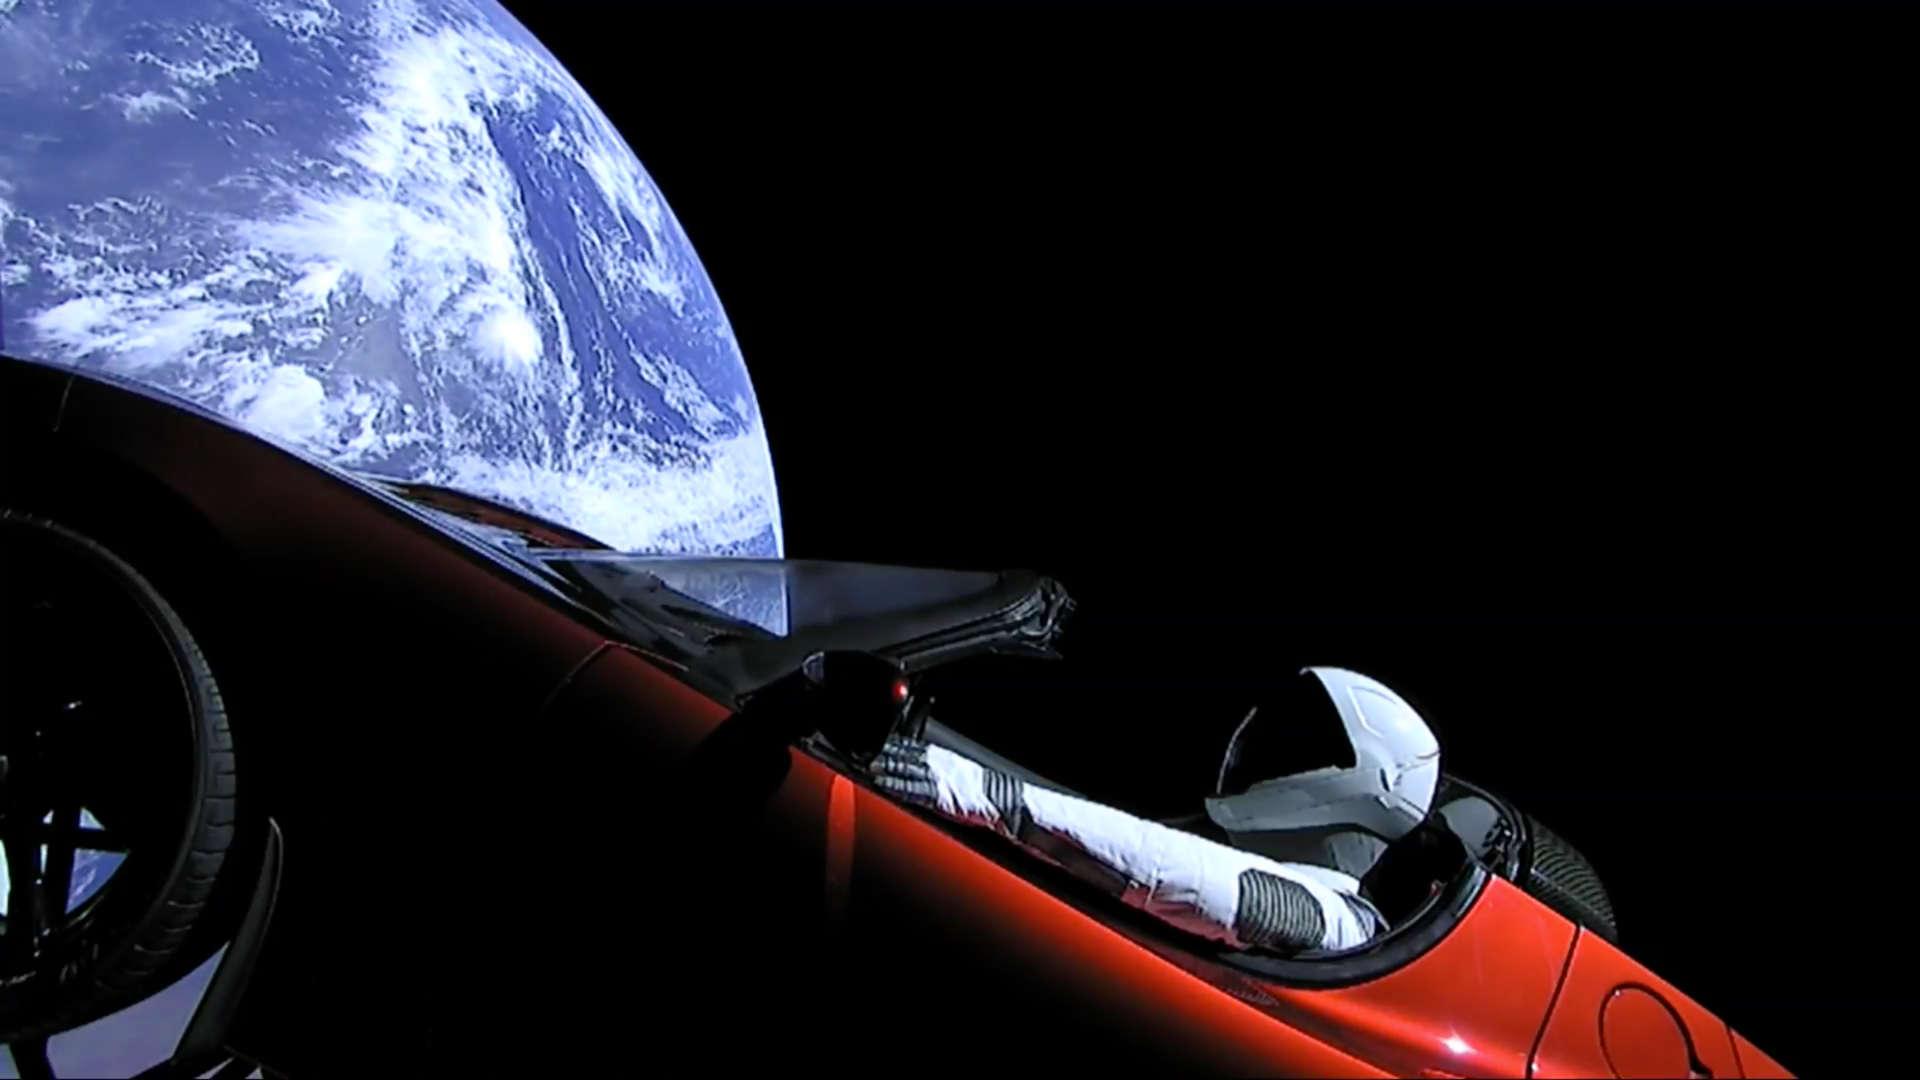 آزمایش شناور رودستر تسلا-تصویری از آینده